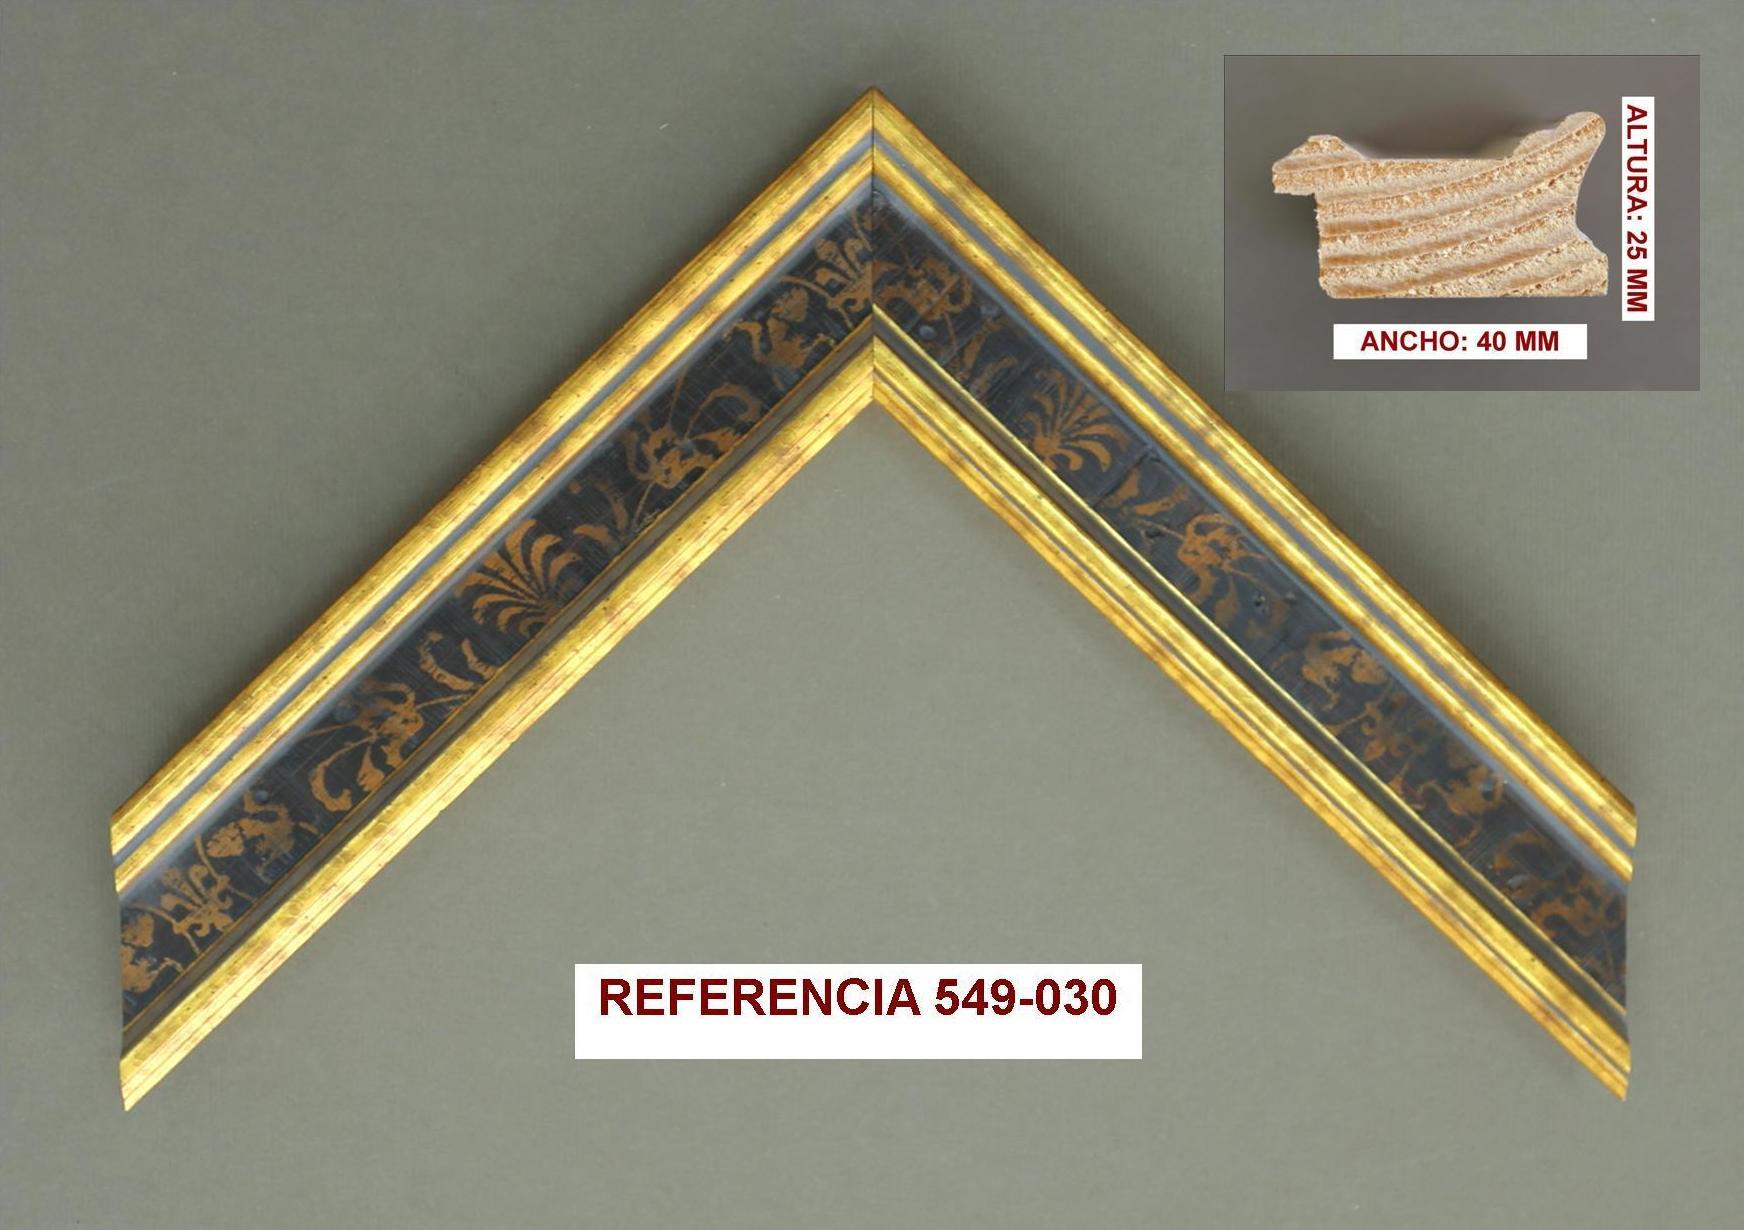 REF 549-030: Muestrario de Moldusevilla